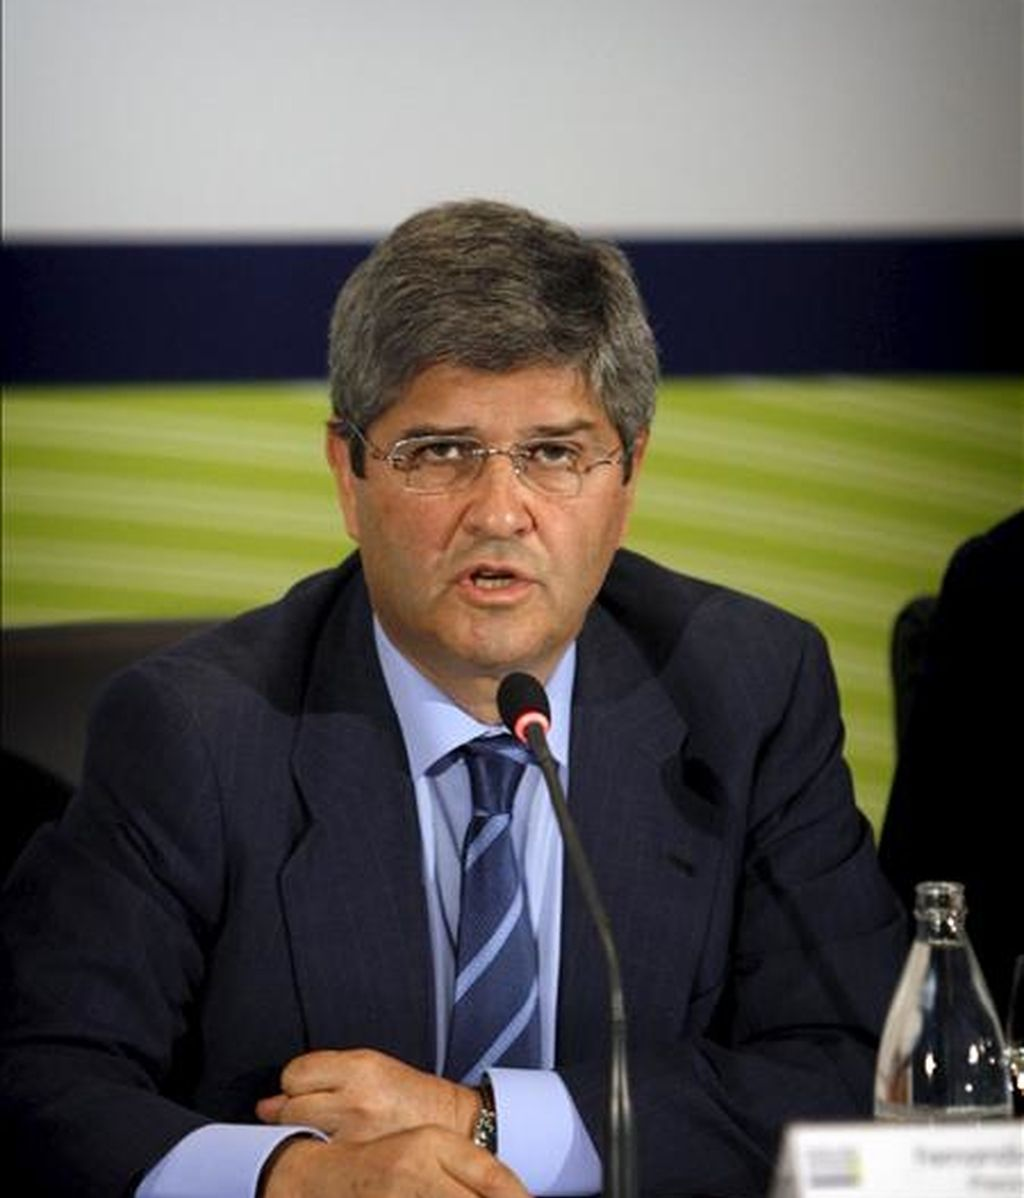 El presidente de la inmobiliaria Martinsa-Fadesa, Fernando Martín. EFE/Archivo